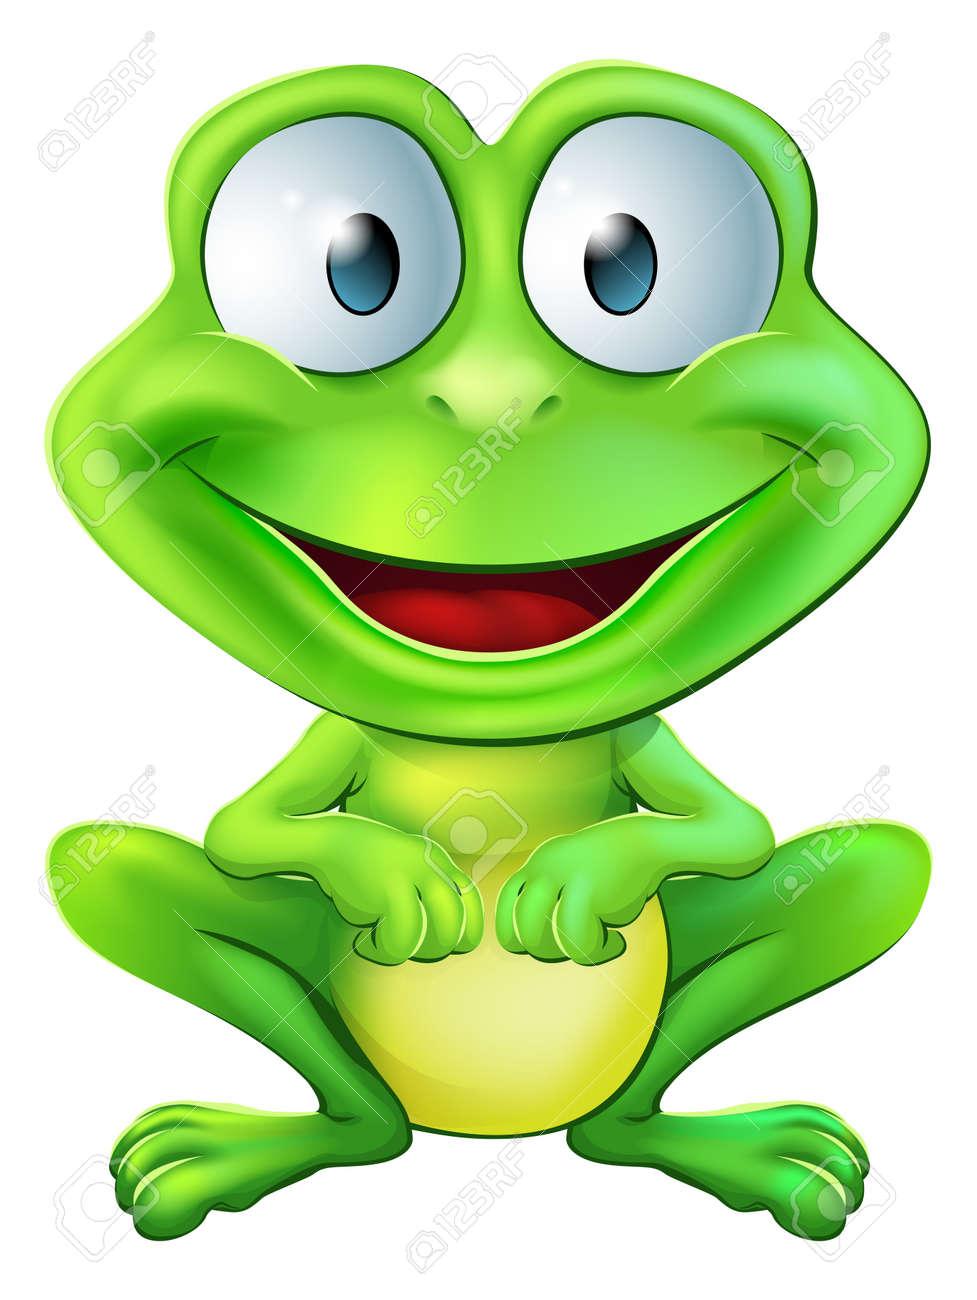 笑みを浮かべて座っている緑かわいいカエル キャラクターのイラストの